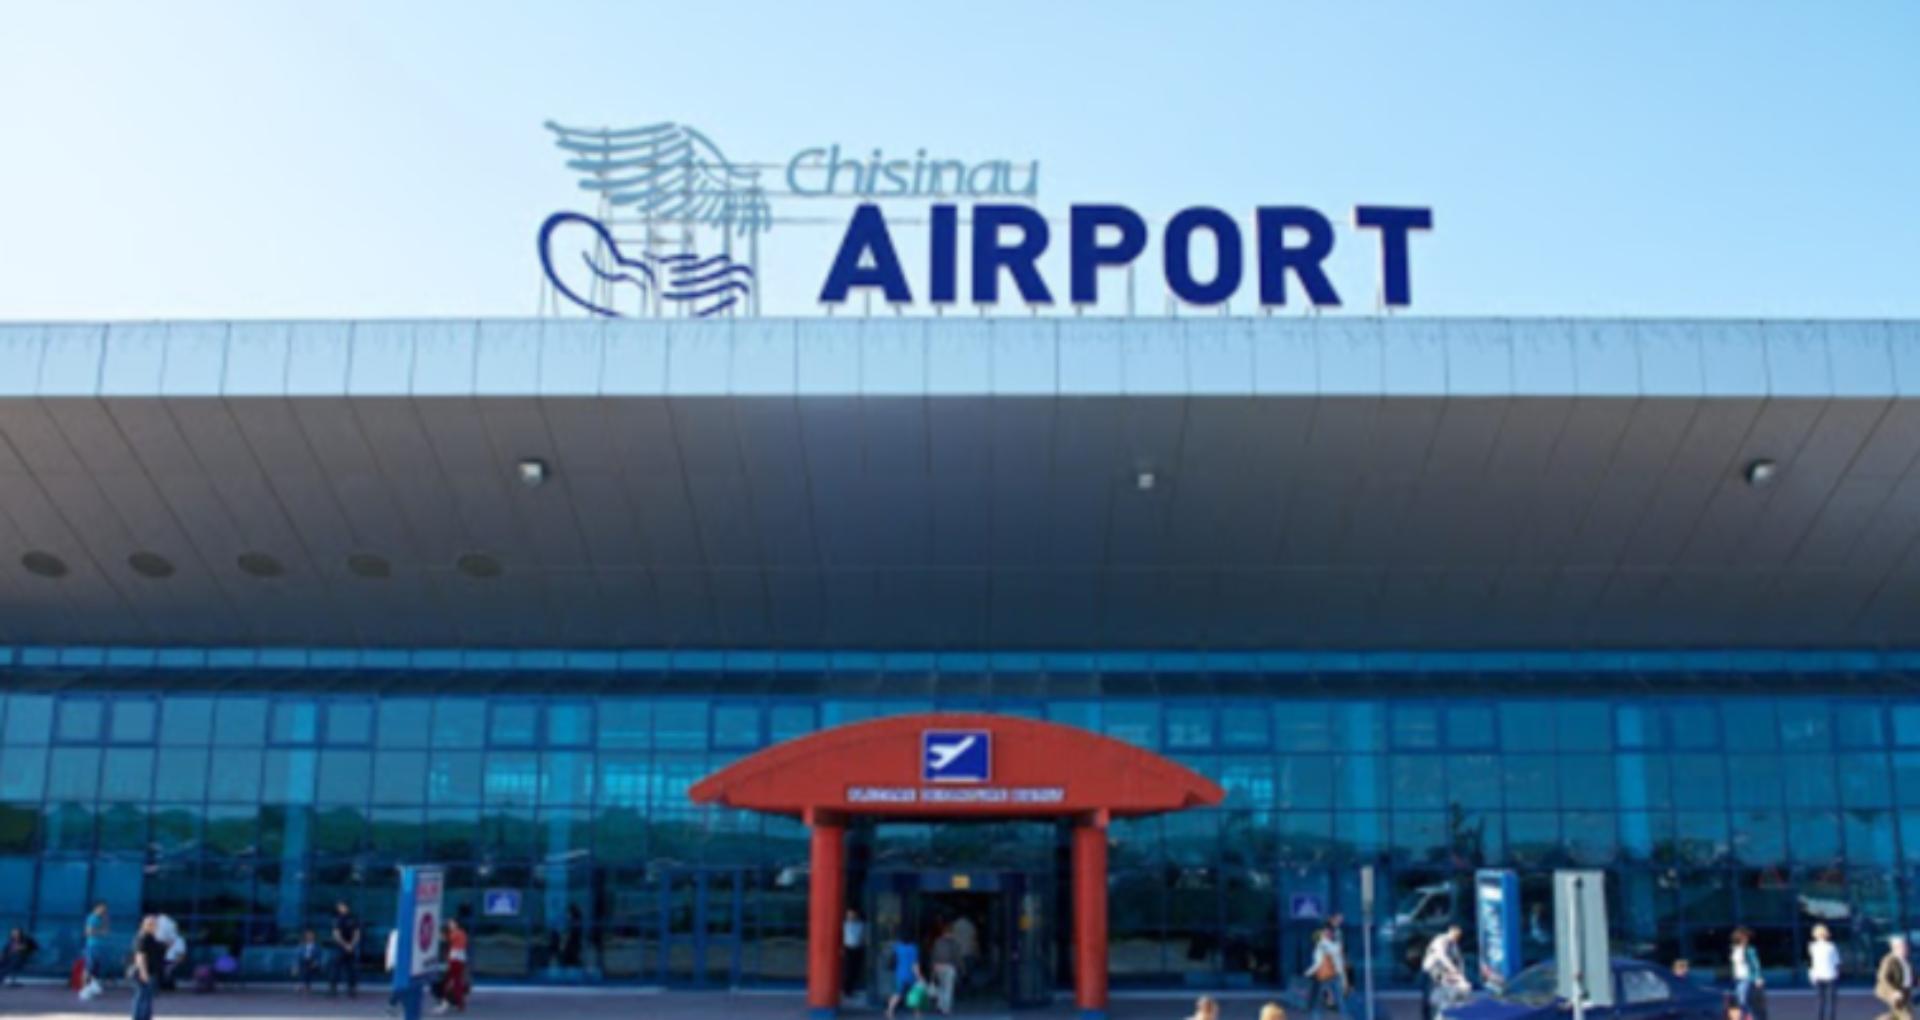 Focul haric a ajuns pe aeroportul de la Chișinău. Cu ce avion a fost adus